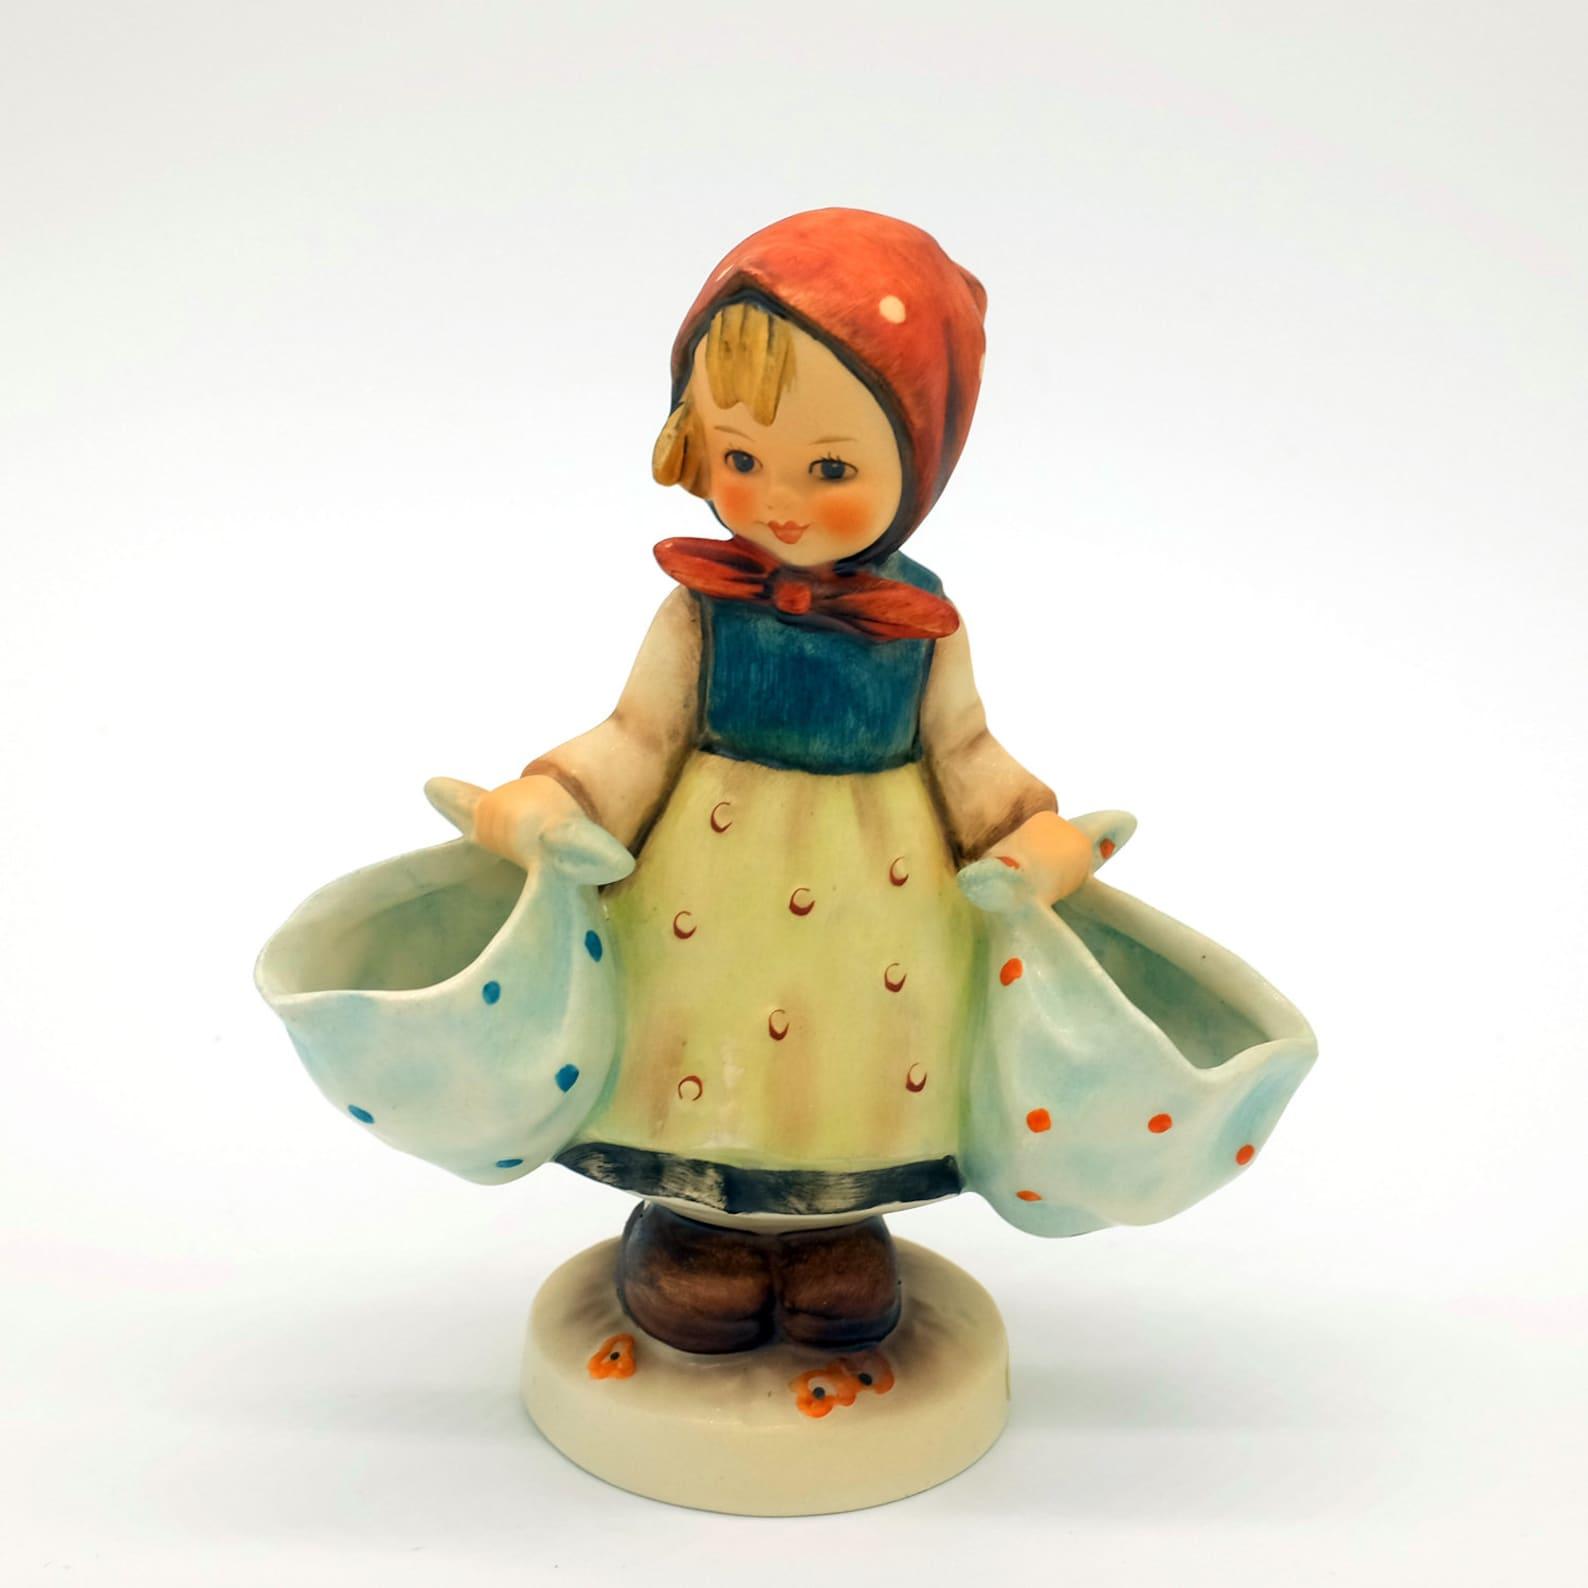 Mother's Darling Hummel, Hummel figurine, Girl figurine, helper figurine, little helper, daughter gift, mother gift